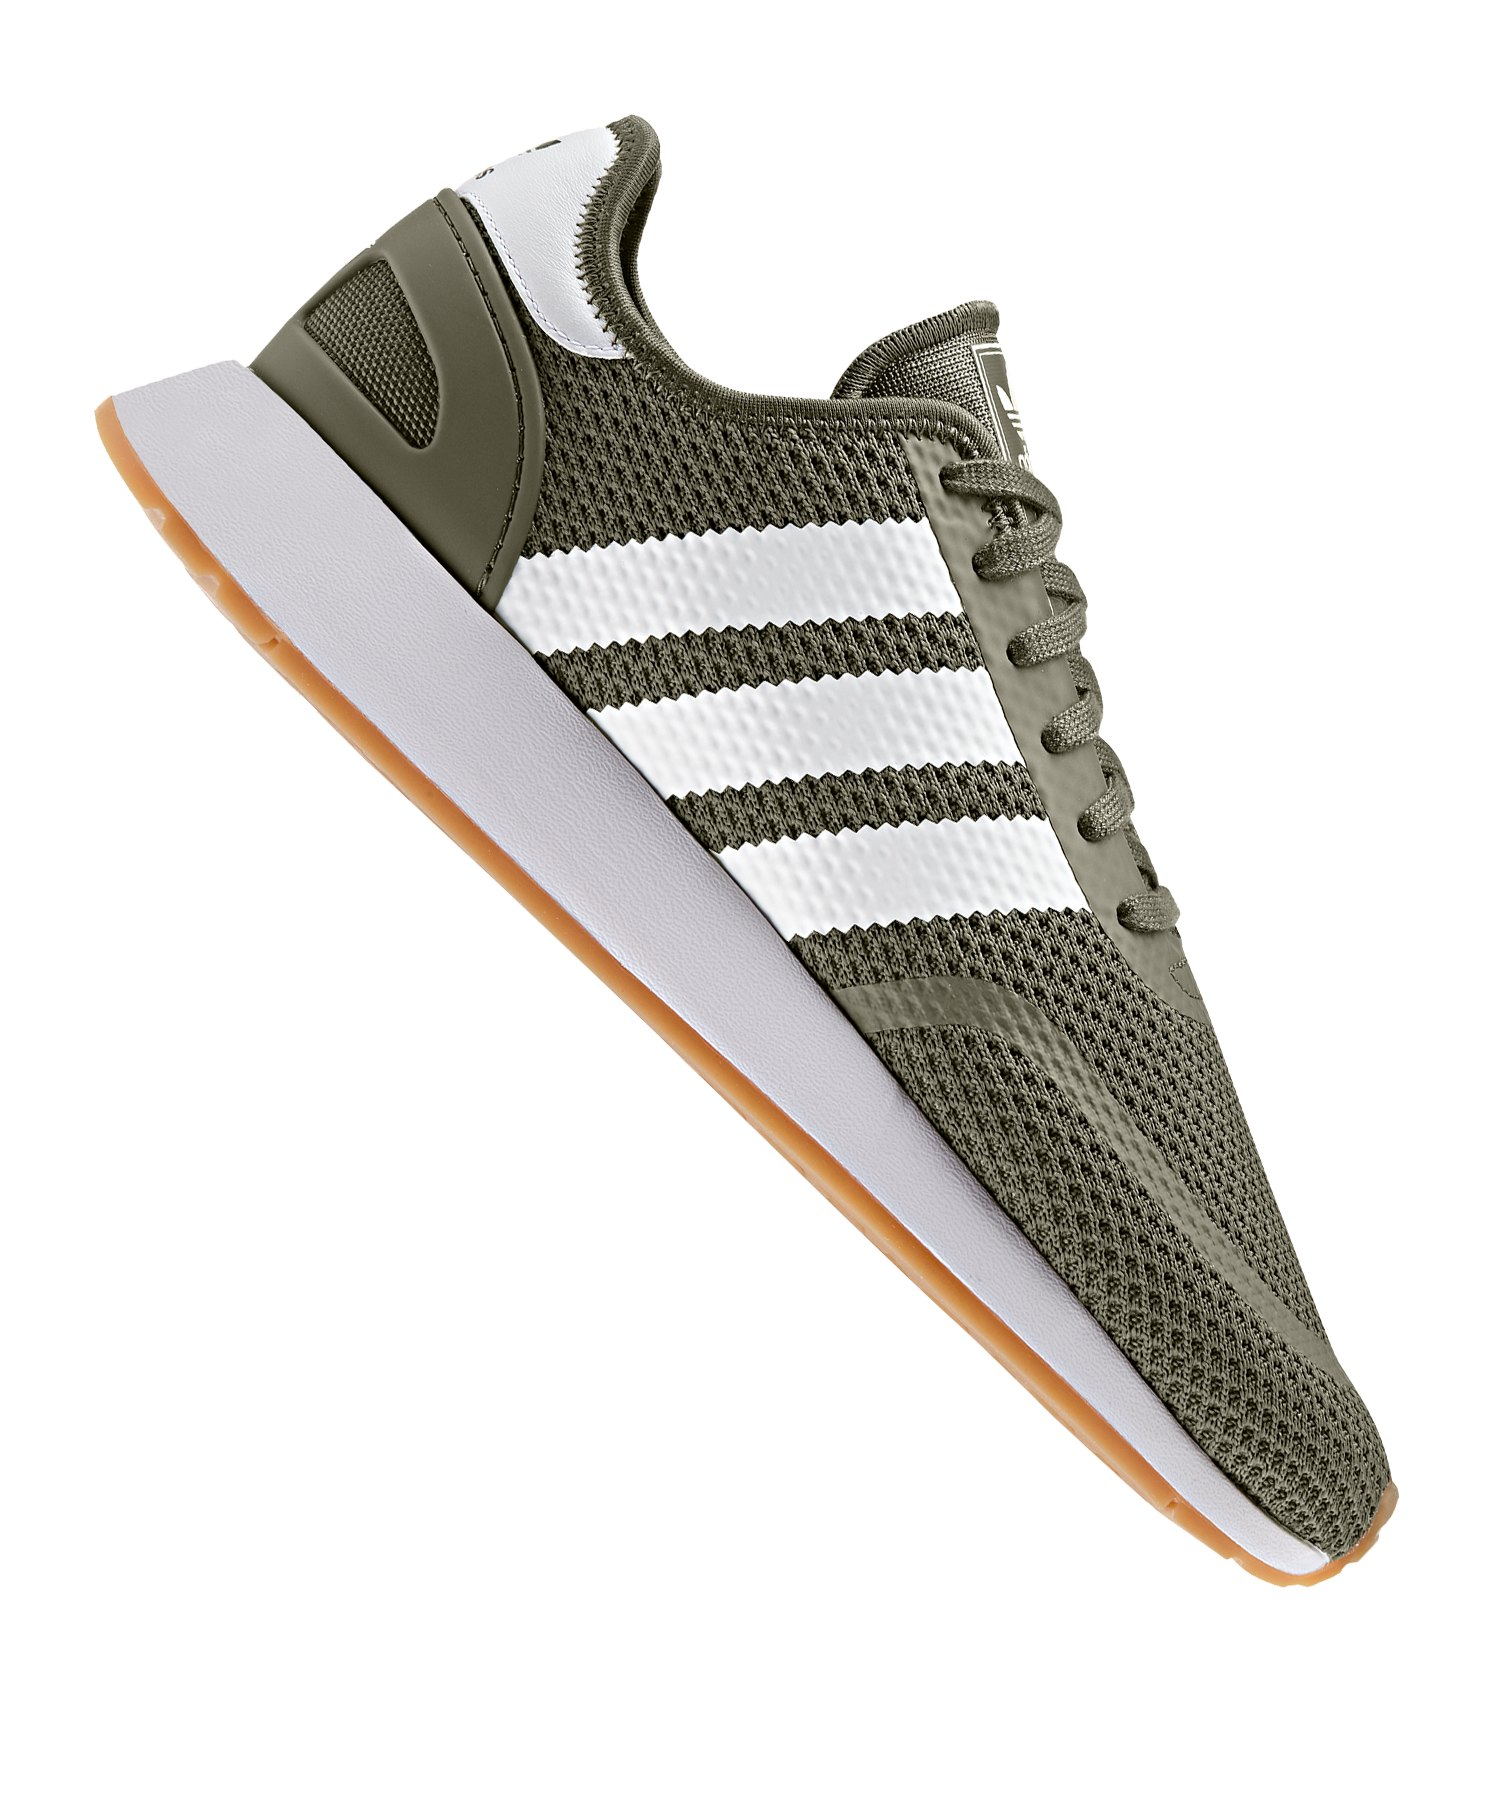 adidas Originals N 5923 Sneaker Grün Weiss